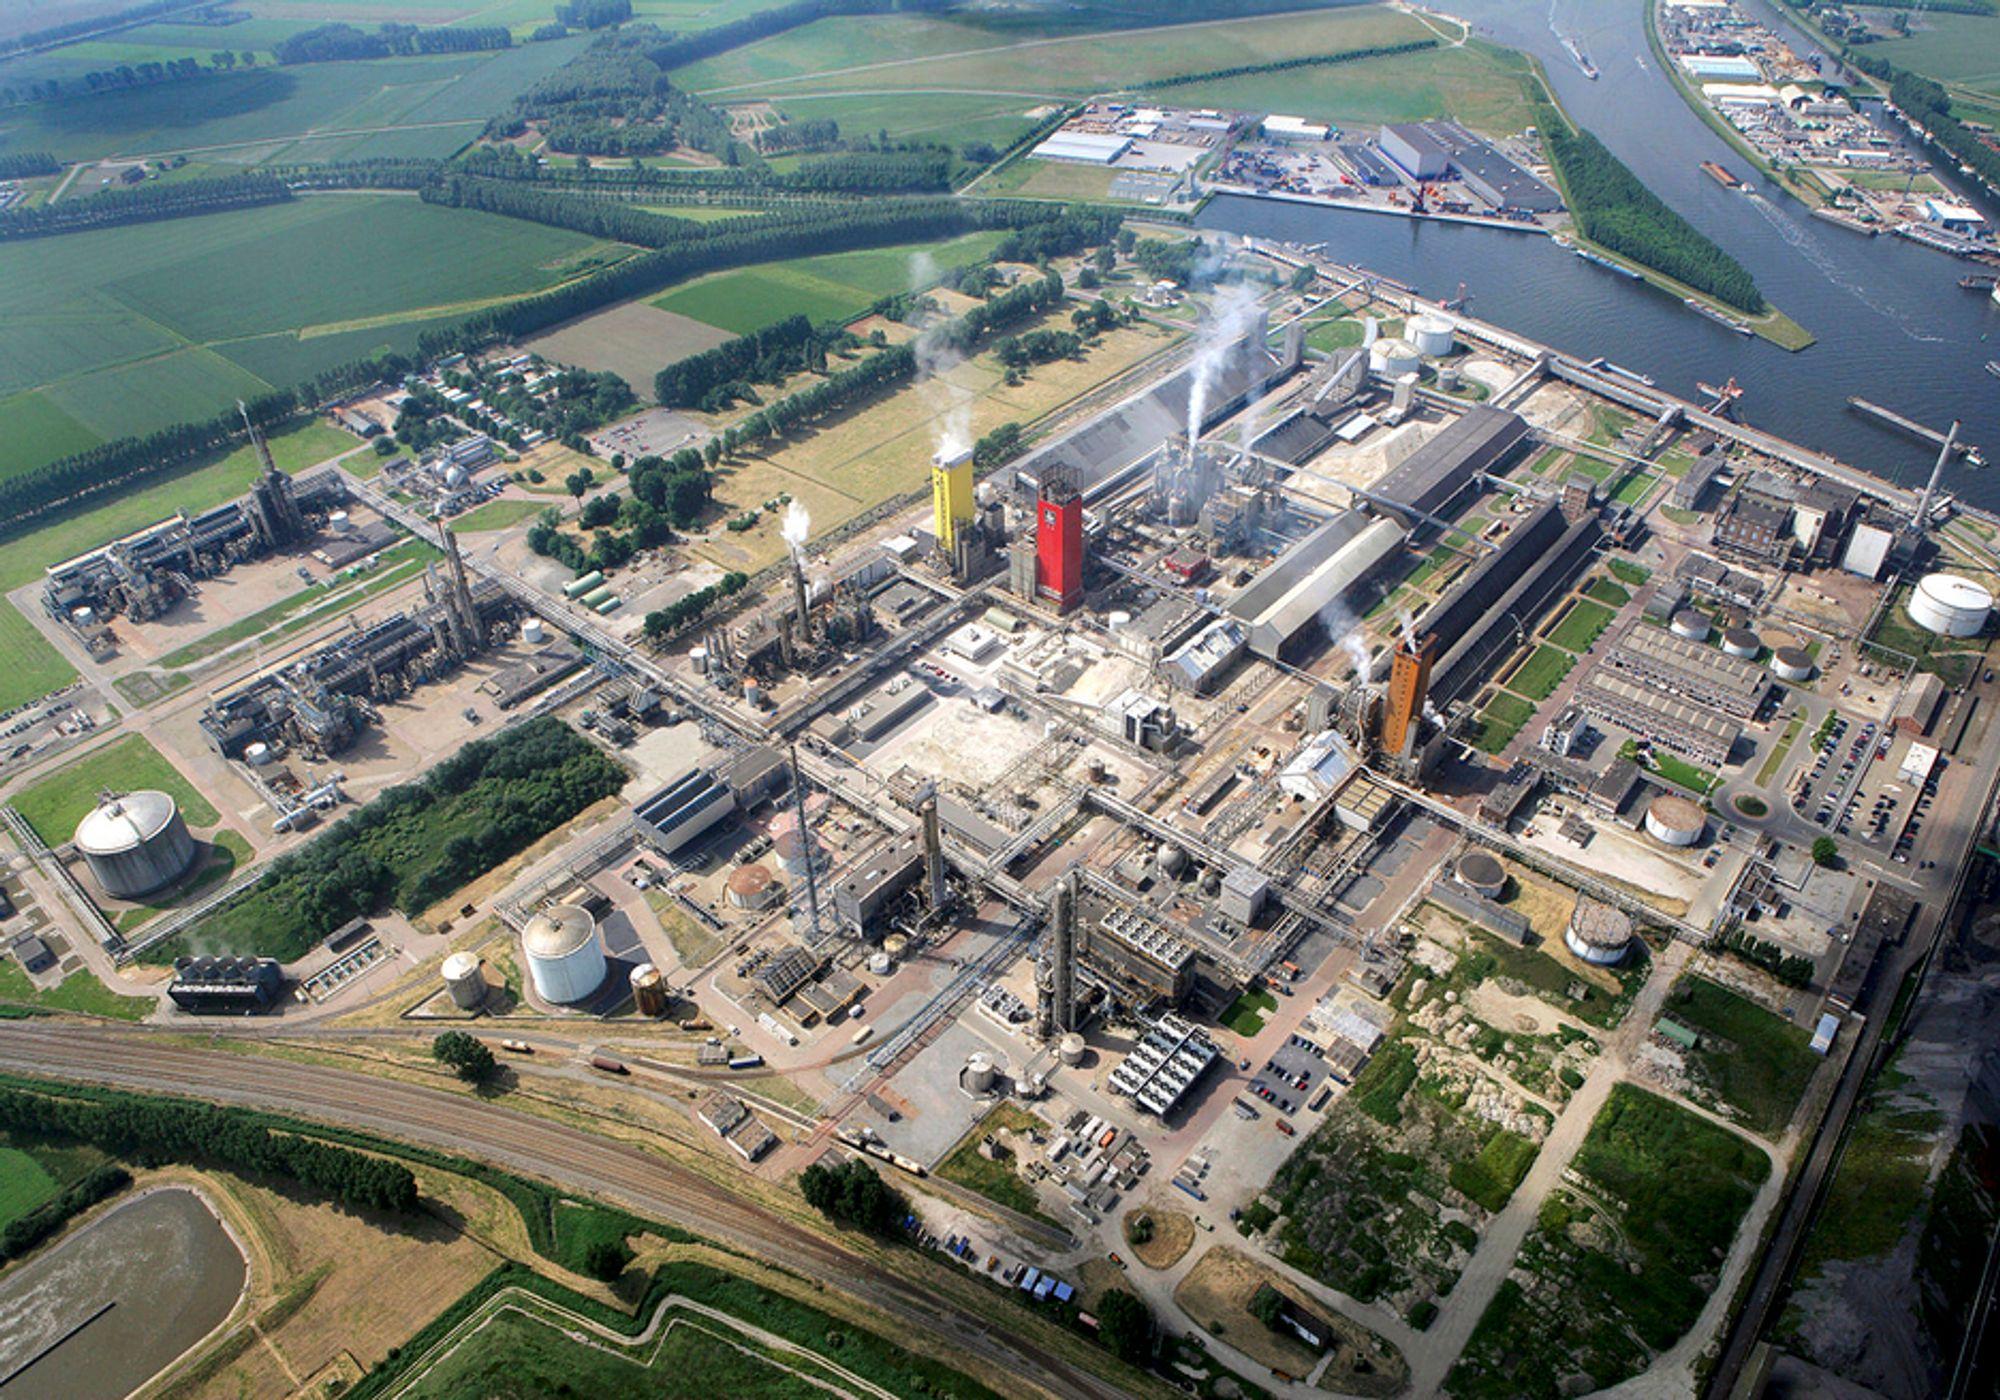 BLIR VERDENS STØRSTE: Yaras ureafabrikk i nederlandske Sluiskil blir verdens største i sitt slag etter at den nye produksjonslinjen Urea 7 er ferdig sommeren 2011.